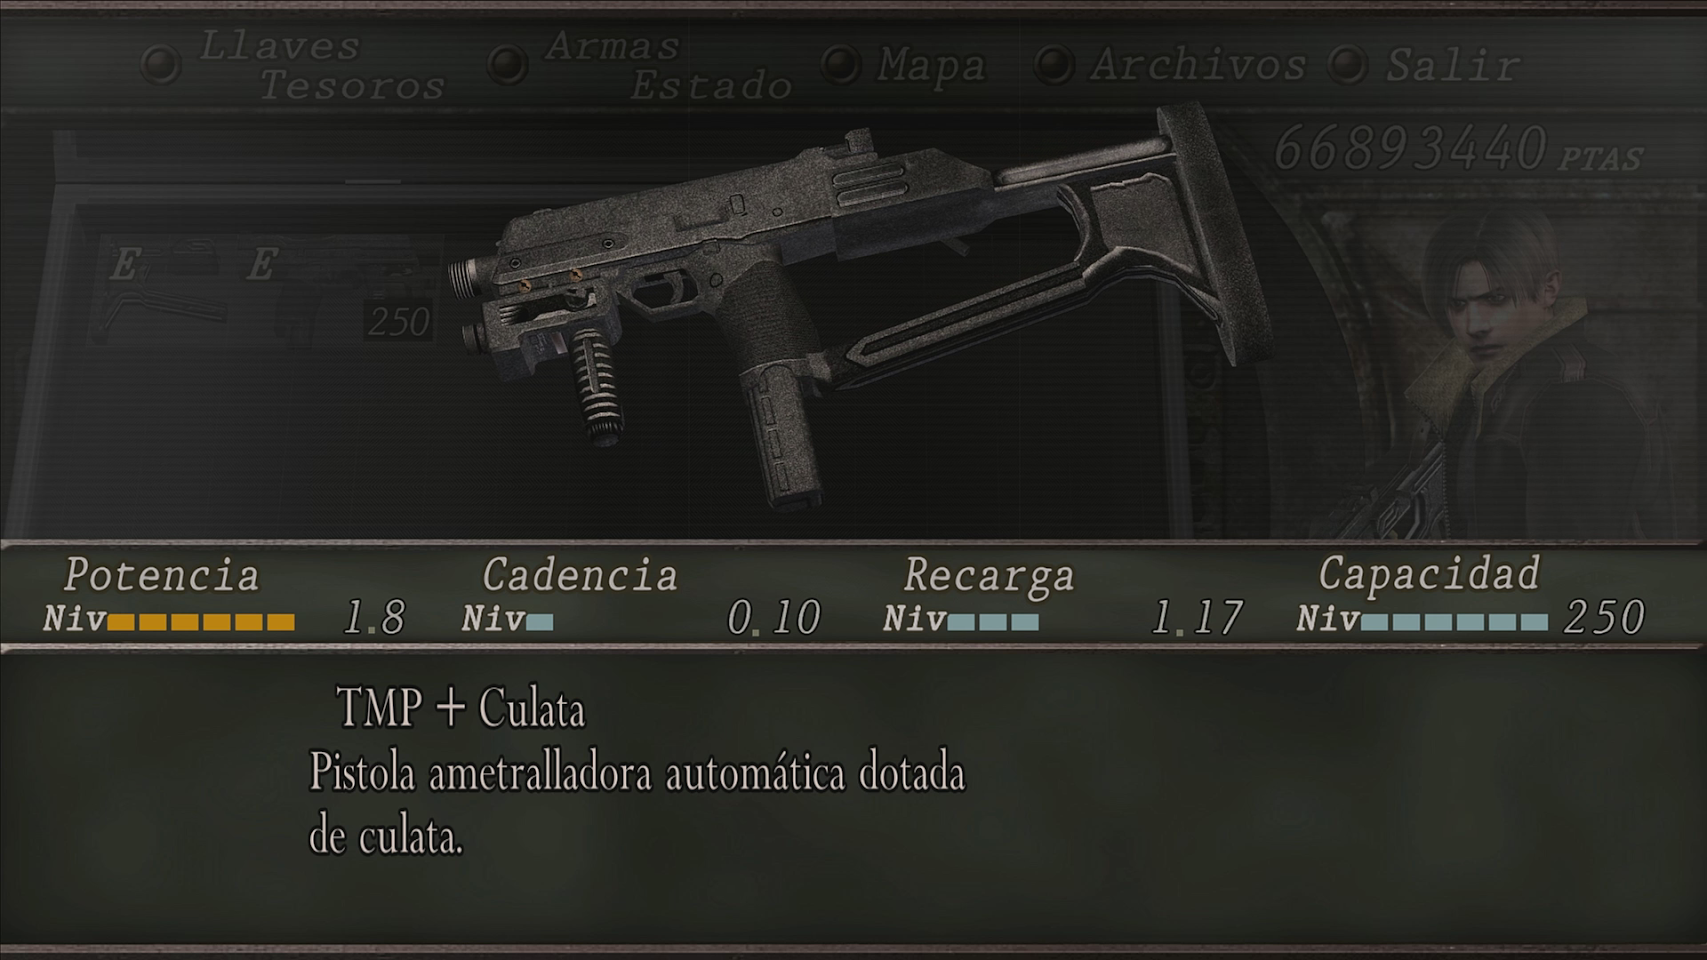 Ultimate HD Weapon Pack CfT5uLg5EmIy-u73kVYbU0kRDhaGB1jTdLPrsVD1AnRZX6RGa22GonWSN1b2xW9dxJAHBUVUXwFLga9IwPVv_zSq8JkL4TGQFC78mgpdbkOrTsR2TuhjFzeK6X4vkCFPn_MKTLPa3M3_foa_LNsd6NIkzjpQtYzbX8trP6YZNvnSz9x-H9F6Qy202Dp6AfVOMMVFF7oQ29KDf7EvrnnRoLk38yJ0DAuH9XXHDhcnyD2Pvo-BN2eMPzMg7A_6MXJNg3Jdu1jn0DwimO2AmiVLca0-d0uQbG6OnrGk10lrcji3Jbj40vi4kfNVja1ghFYXQk0JP443hzx4fZyqZTeN20PLfOi89U4zJb_wEptpmLG71sny9tHm-qgZkb34SeBtW1LHZ76lGin3encg4fo9N62PNh2EMH3SzUwLHDt20q6P4VqgrW66Onf-tC6uotzjNgJpLydgyag6rMQey9Fsb21ea9Q-FEqBiNPBOCcaqSlcRpBfbJpQ3bZ_t0tw0_42SINXU2UdXuVVtaj5T8mkp7vRwKwDMq0V--2i8uvKg7oqRXa_YliksUK4gwrjymlYhCxOvzP3vgFC6h3hahUc_wGnSaKeTiNAVa3COiVdzwwWn15r=w1707-h960-no